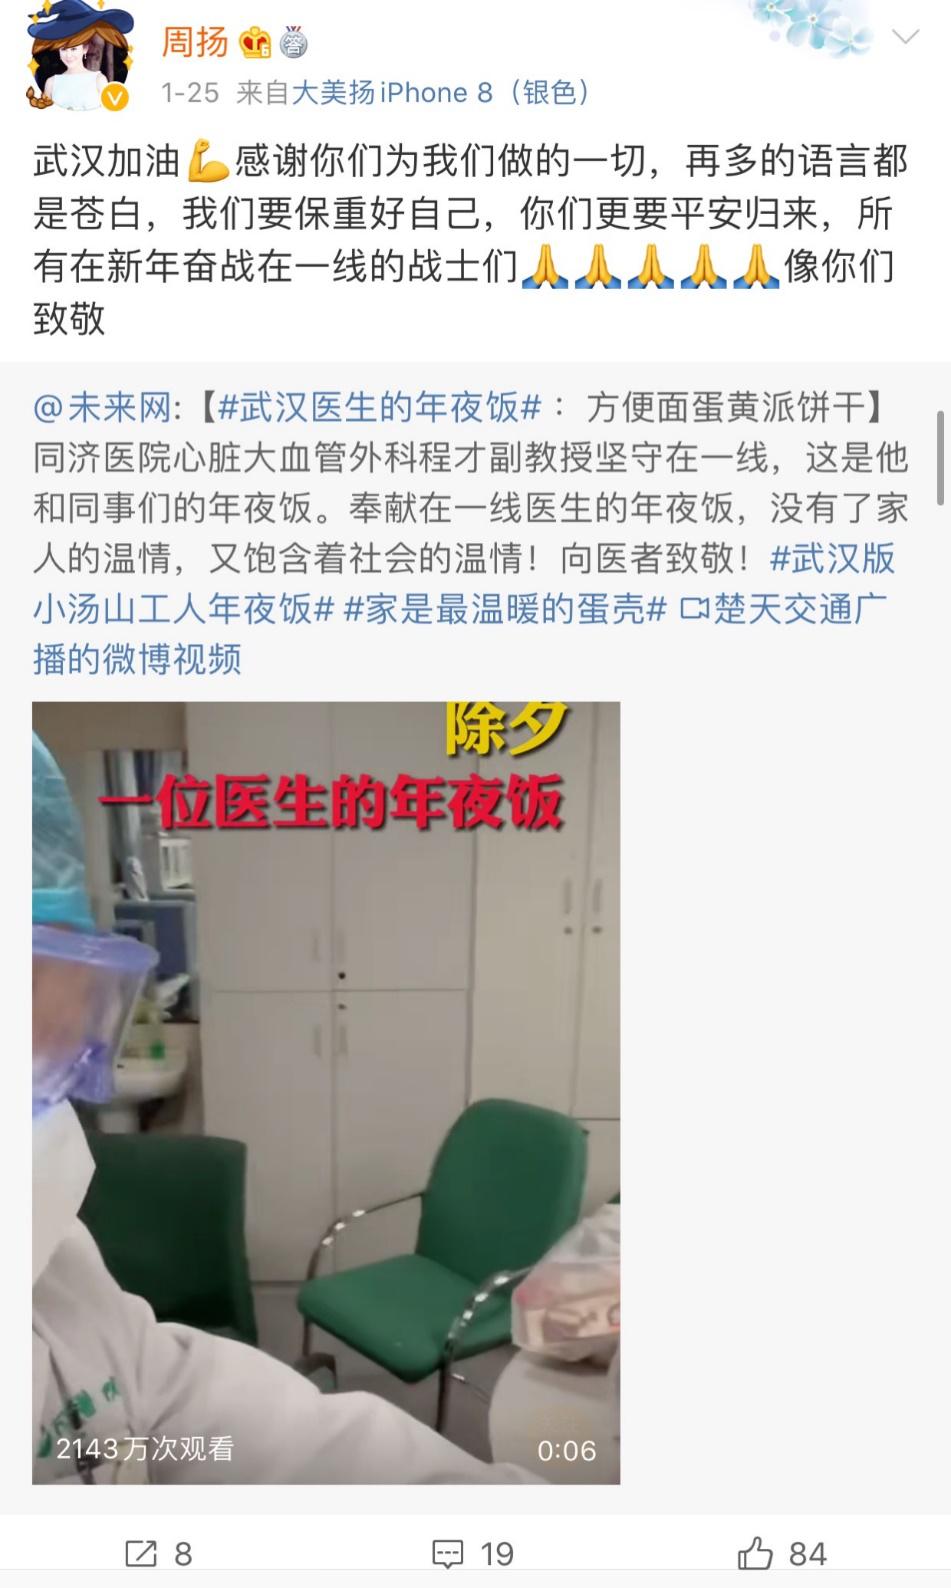 演员周扬低调捐医用物资.png